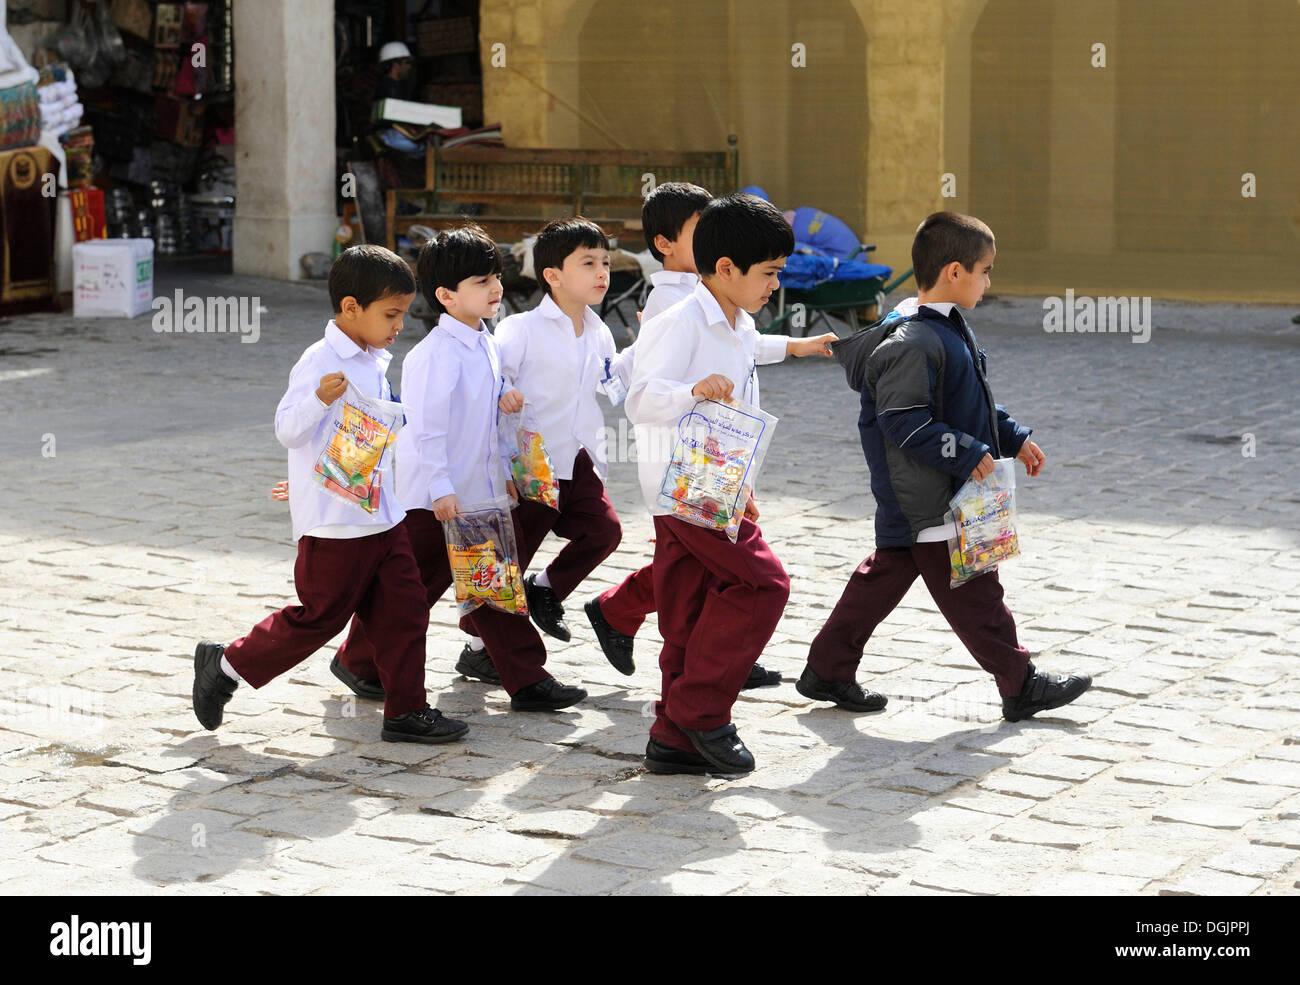 La scuola dei bambini che indossano uniformi scolastiche, Doha, Qatar, Penisola Arabica, Golfo Persico, Medio Oriente e Asia Immagini Stock